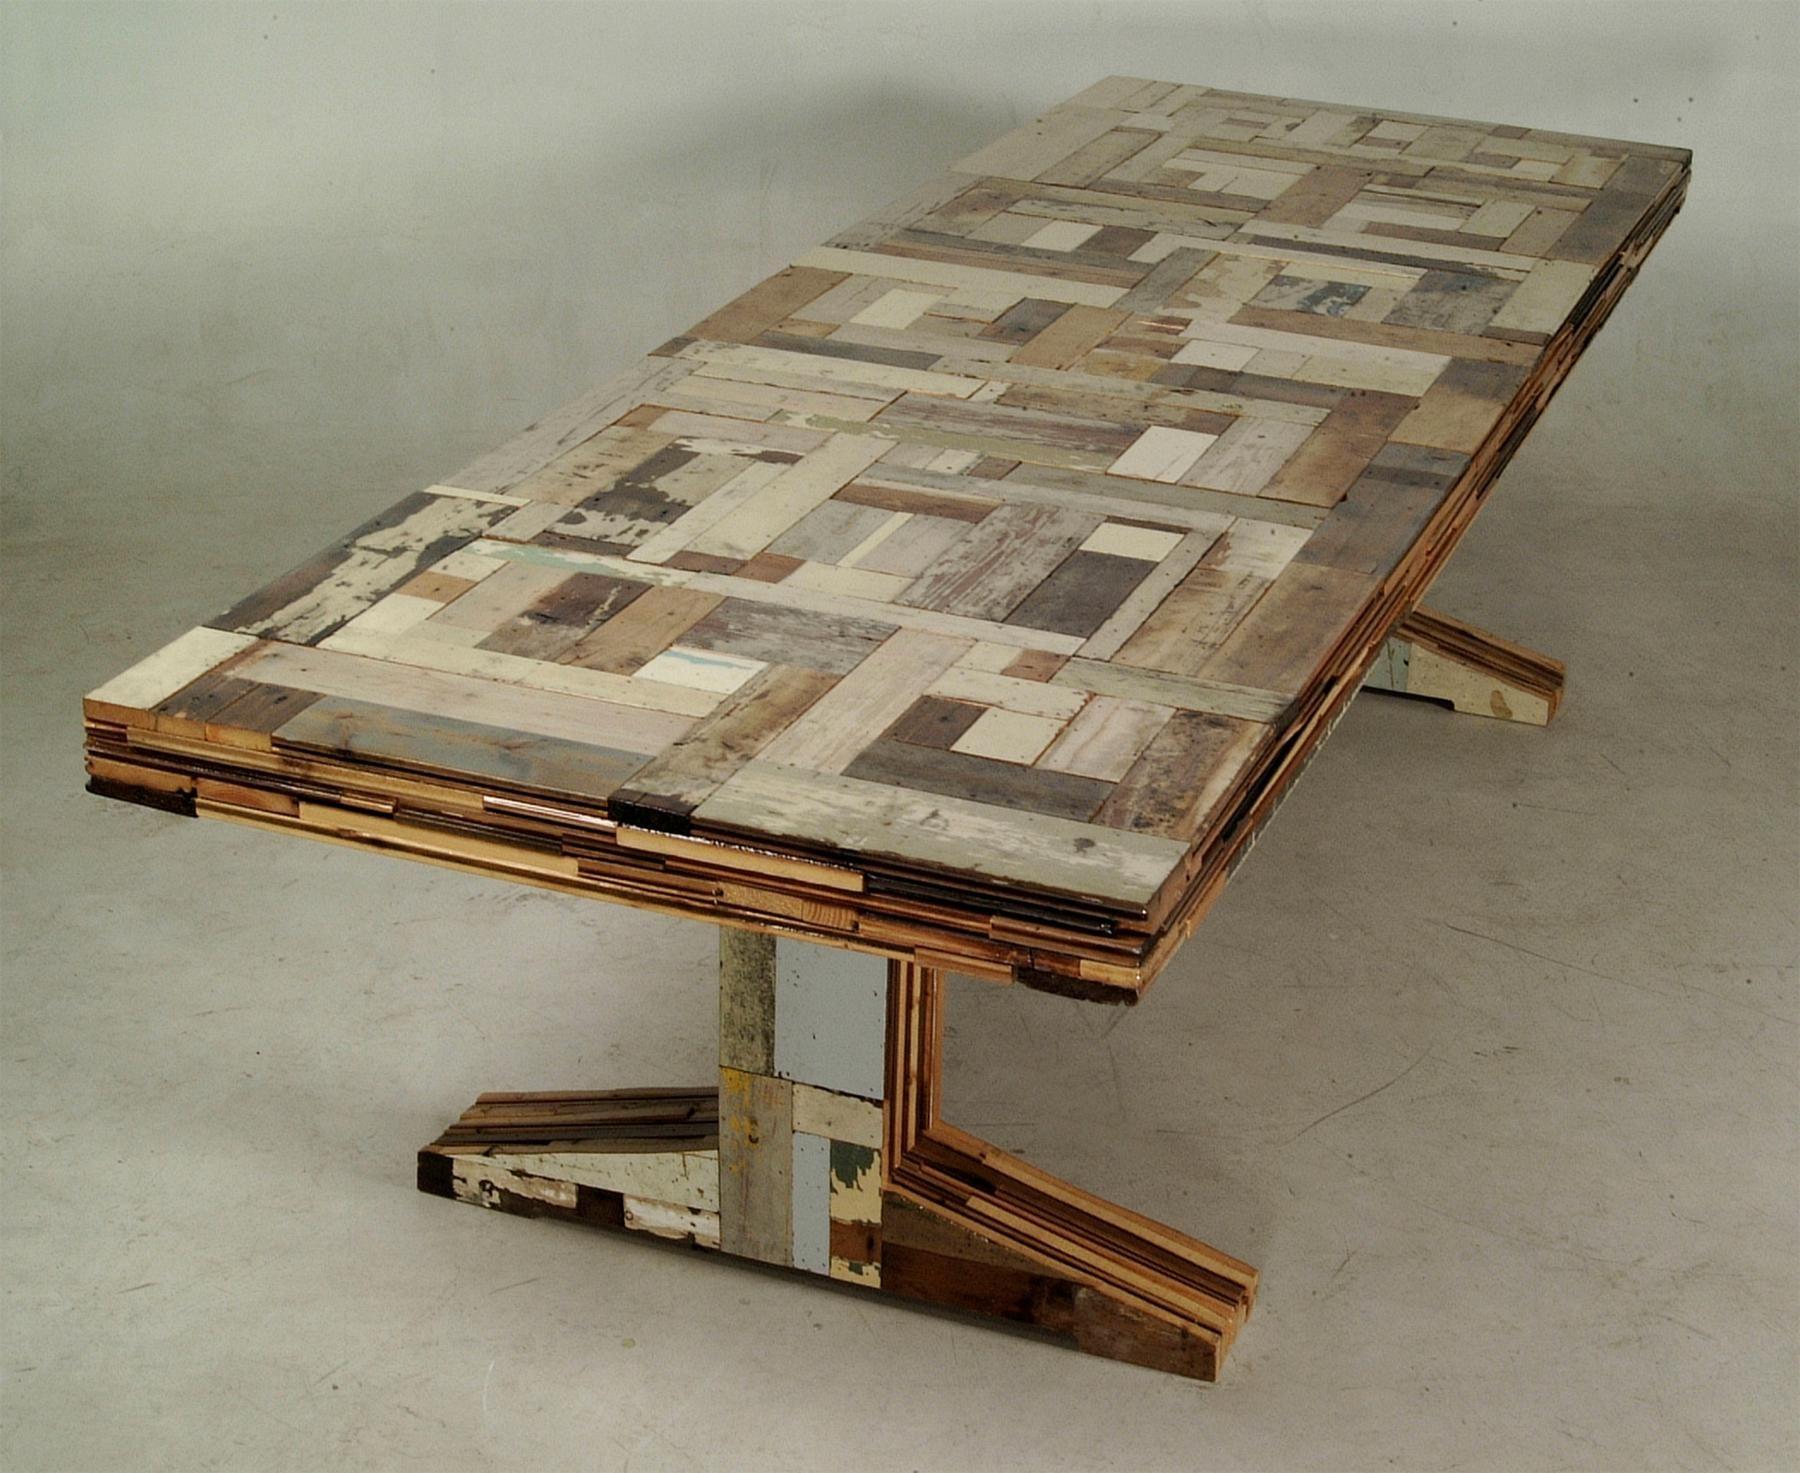 Piet Hein Eek Bijzettafel.Sloophouten Tafel Table Of Scrapwood Circa 1992 By Dutch